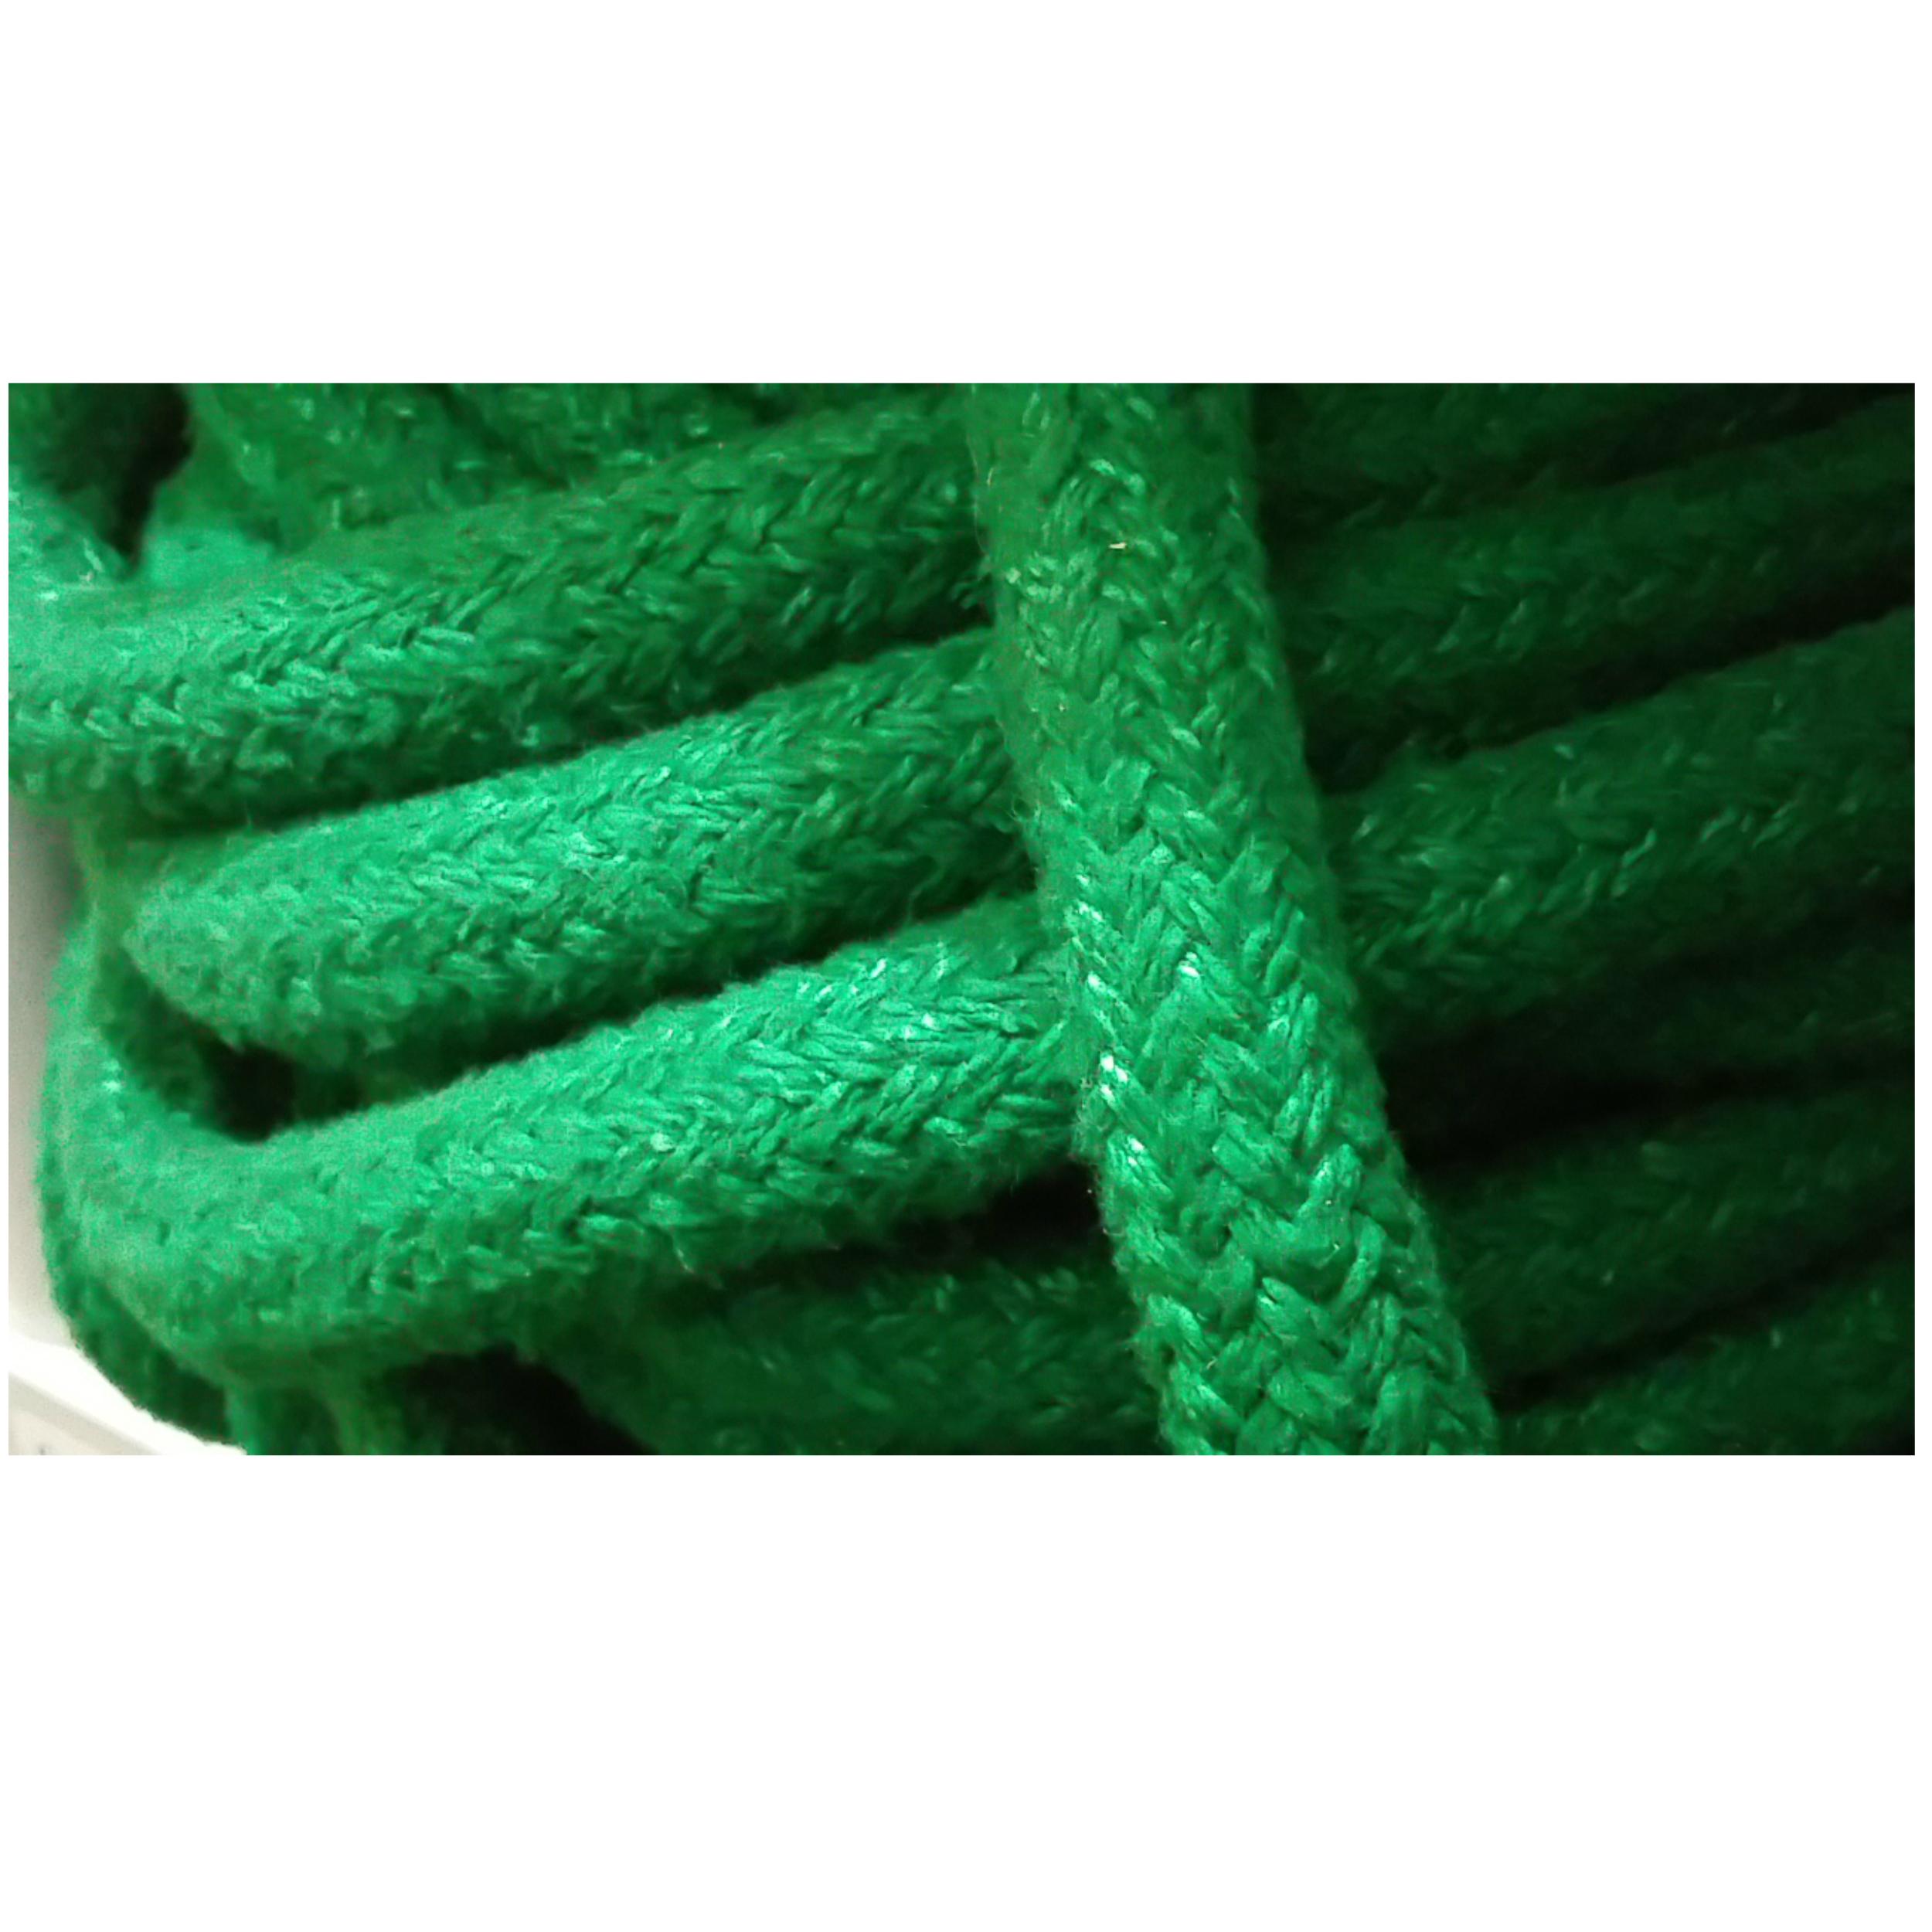 arborist 3/4 inch rope